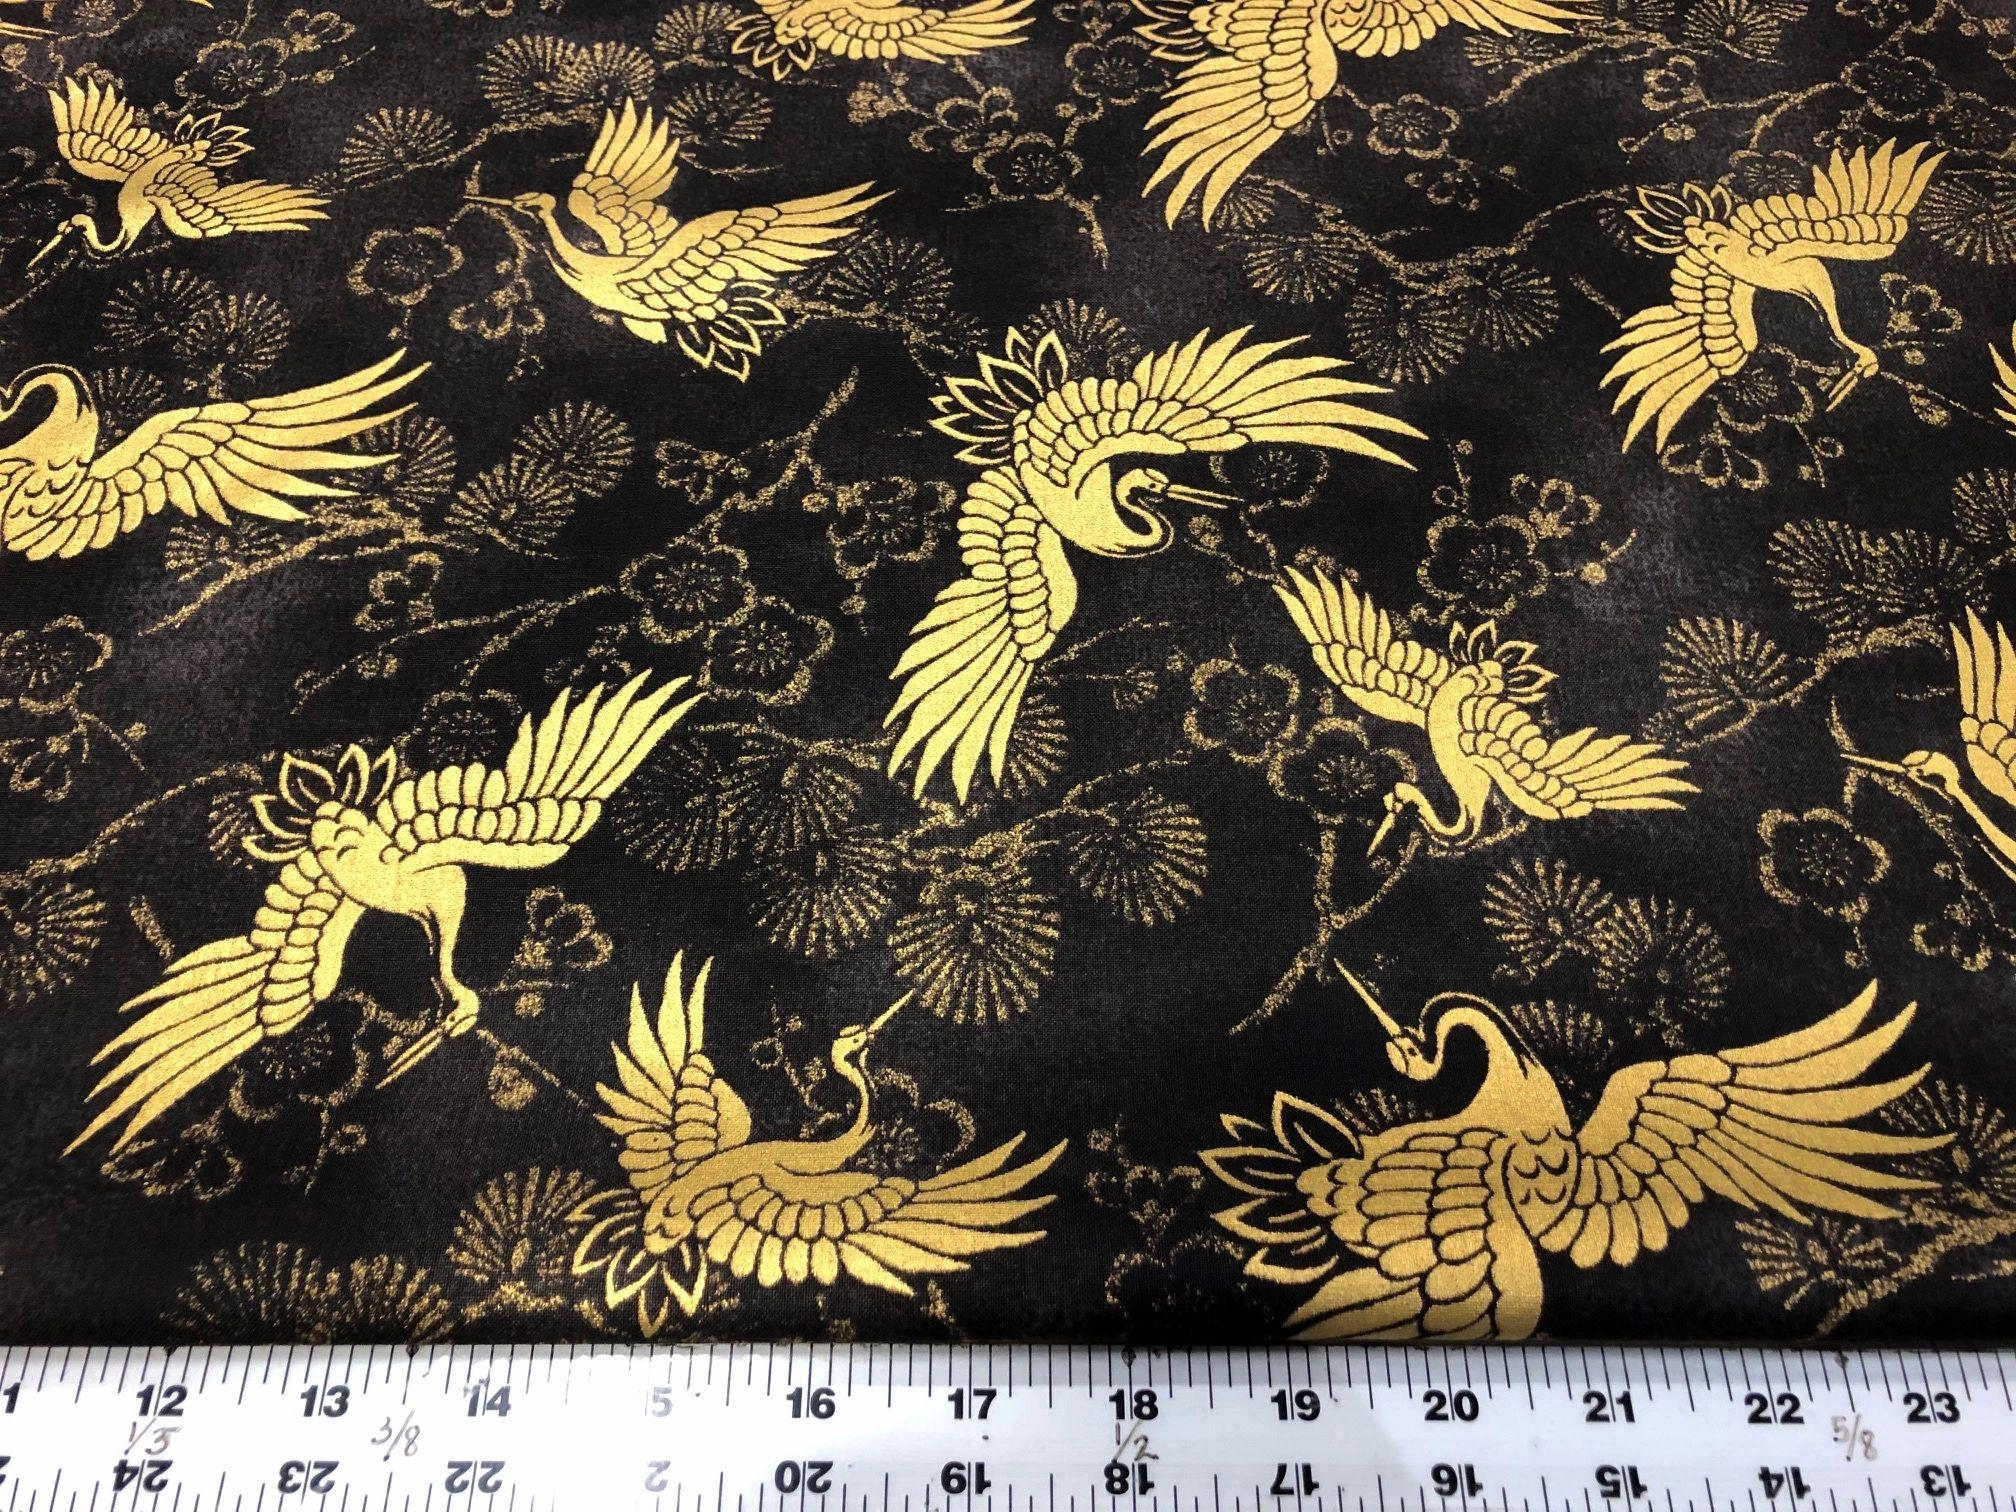 Golden Cranes